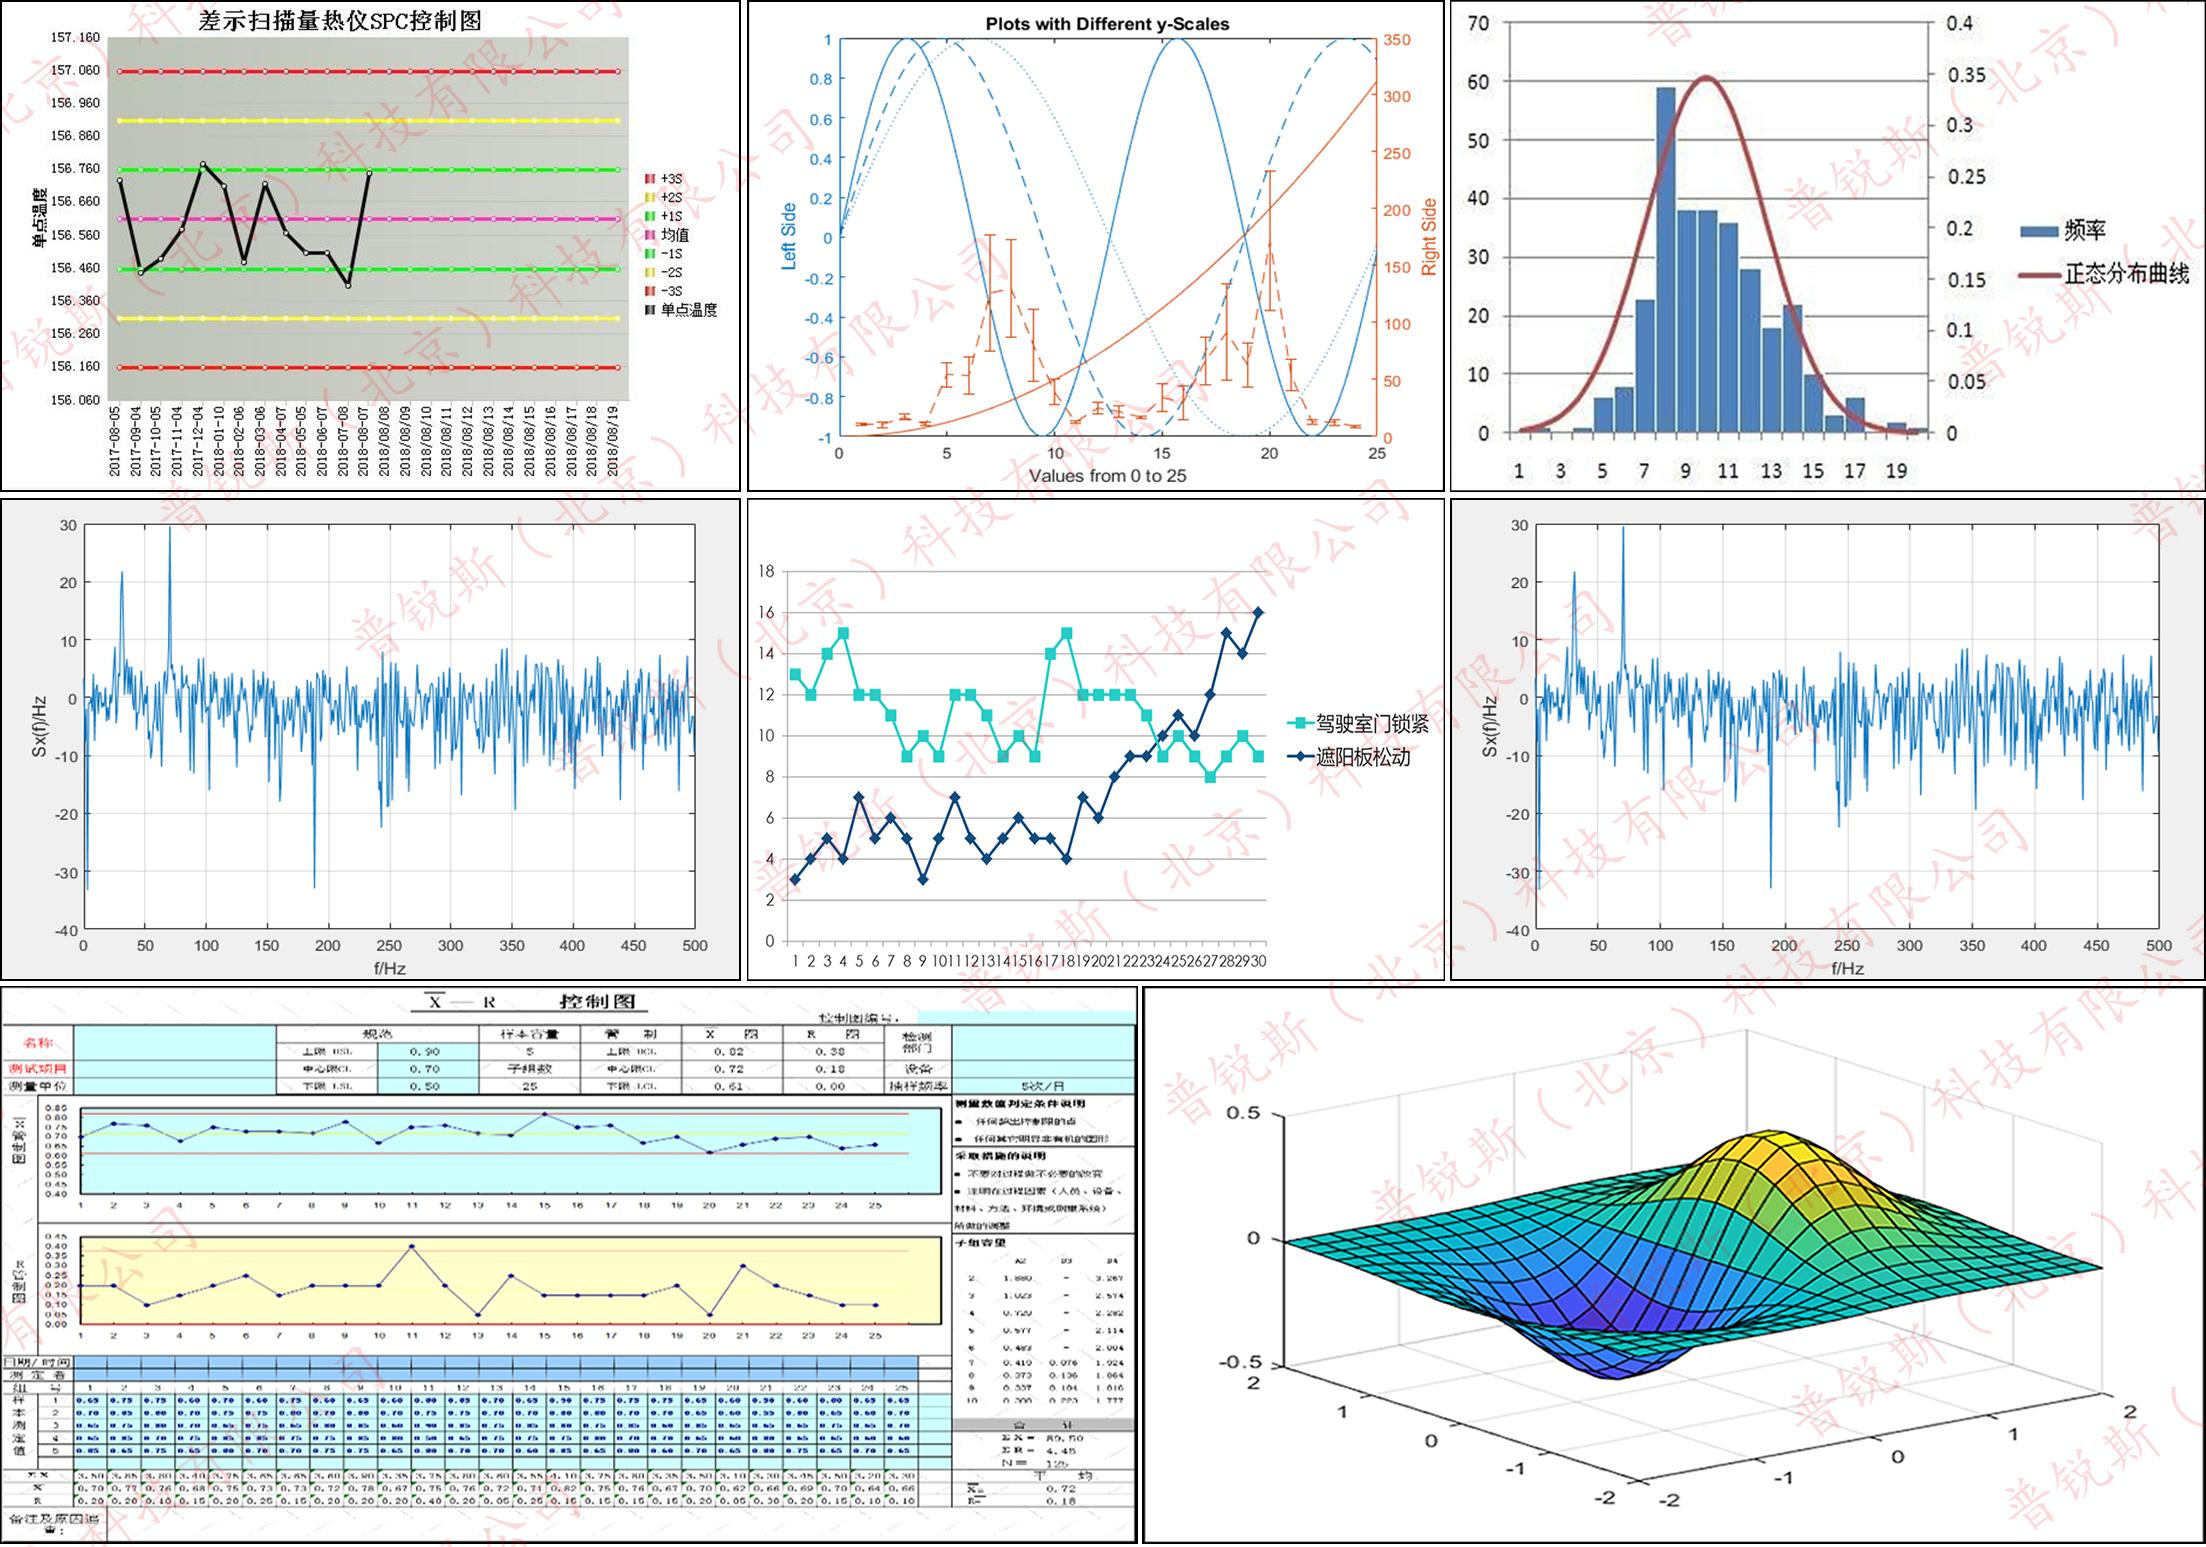 tdm数据分析,试验数据管理系统数据分析